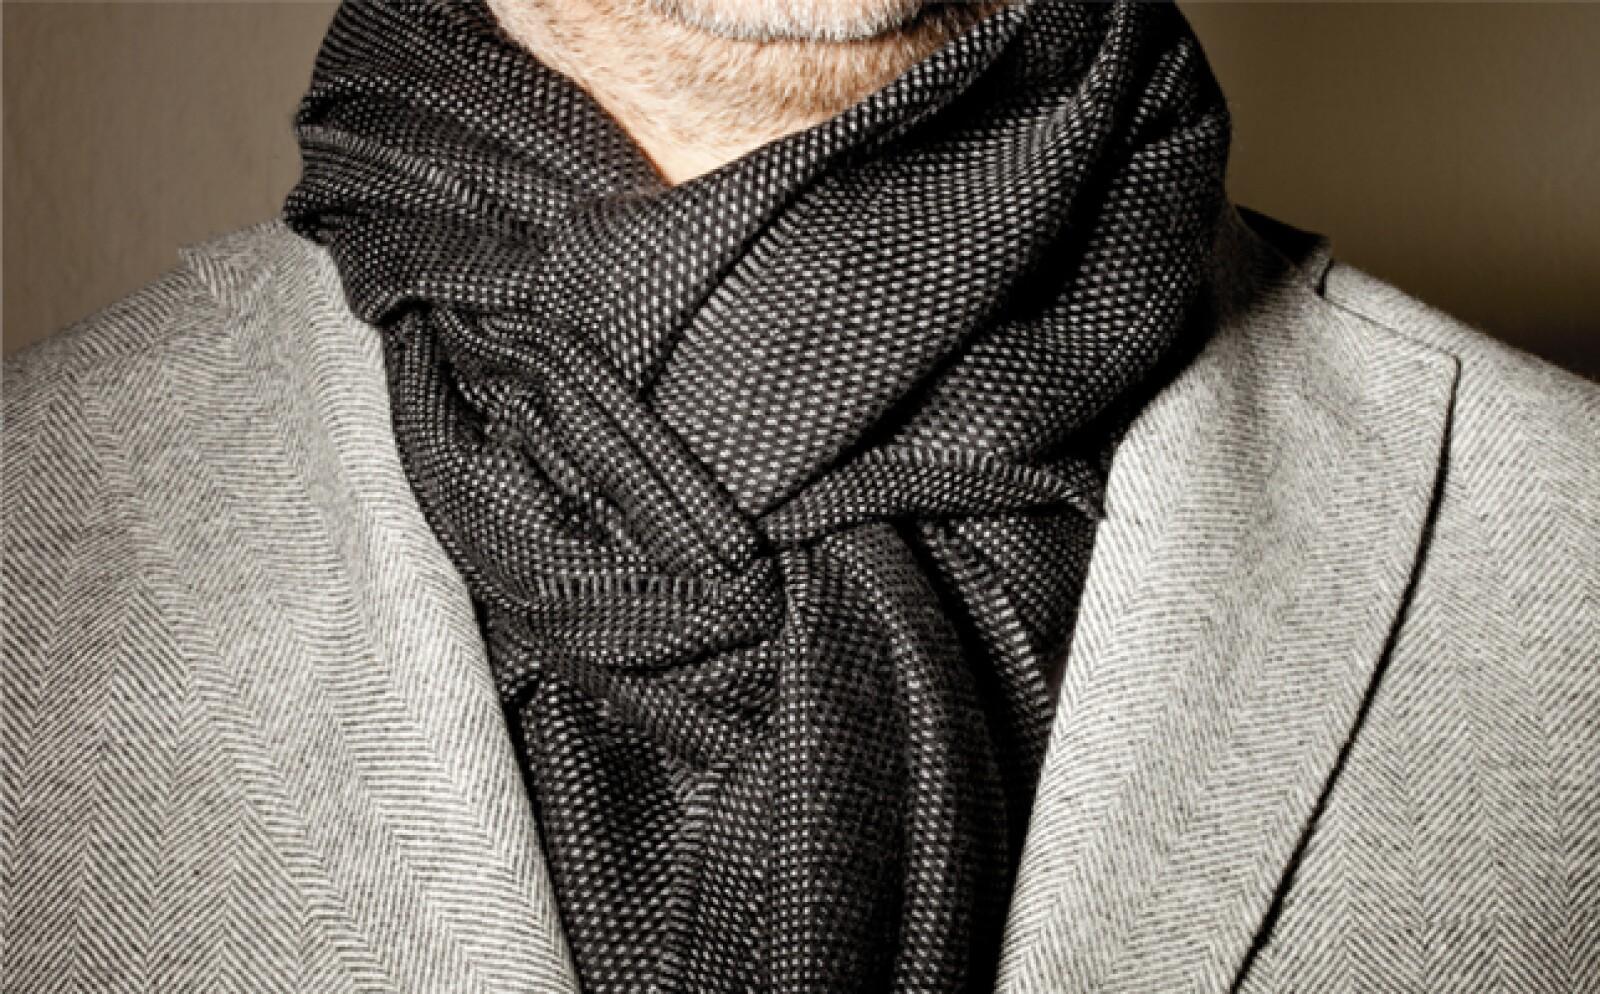 Cierra el saco o abrigo y acomoda la bufanda, dando volumen para cubrir bien el cuello.